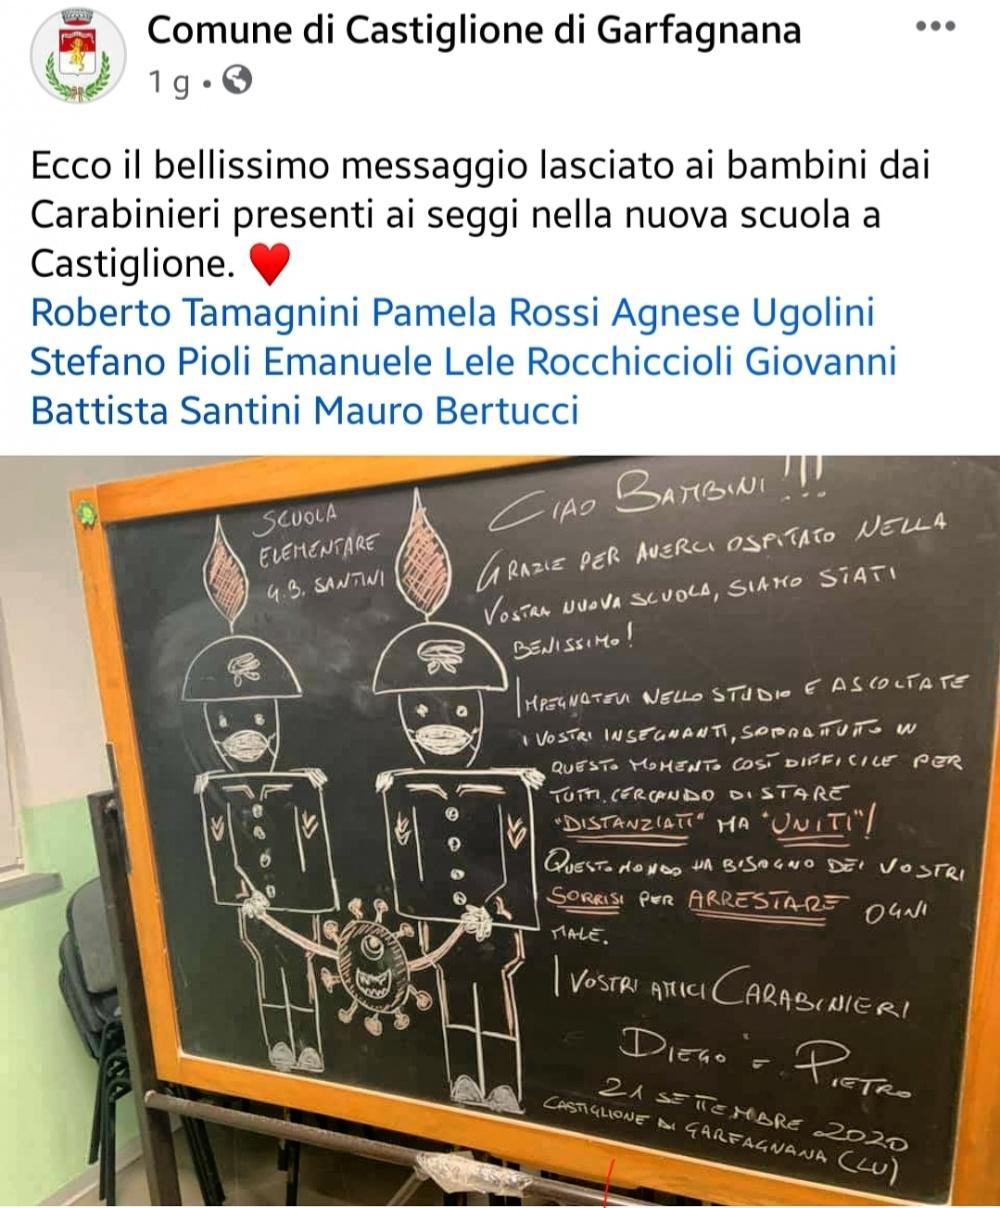 il bellissimo messaggio lasciato ai bambini dai Carabinieri